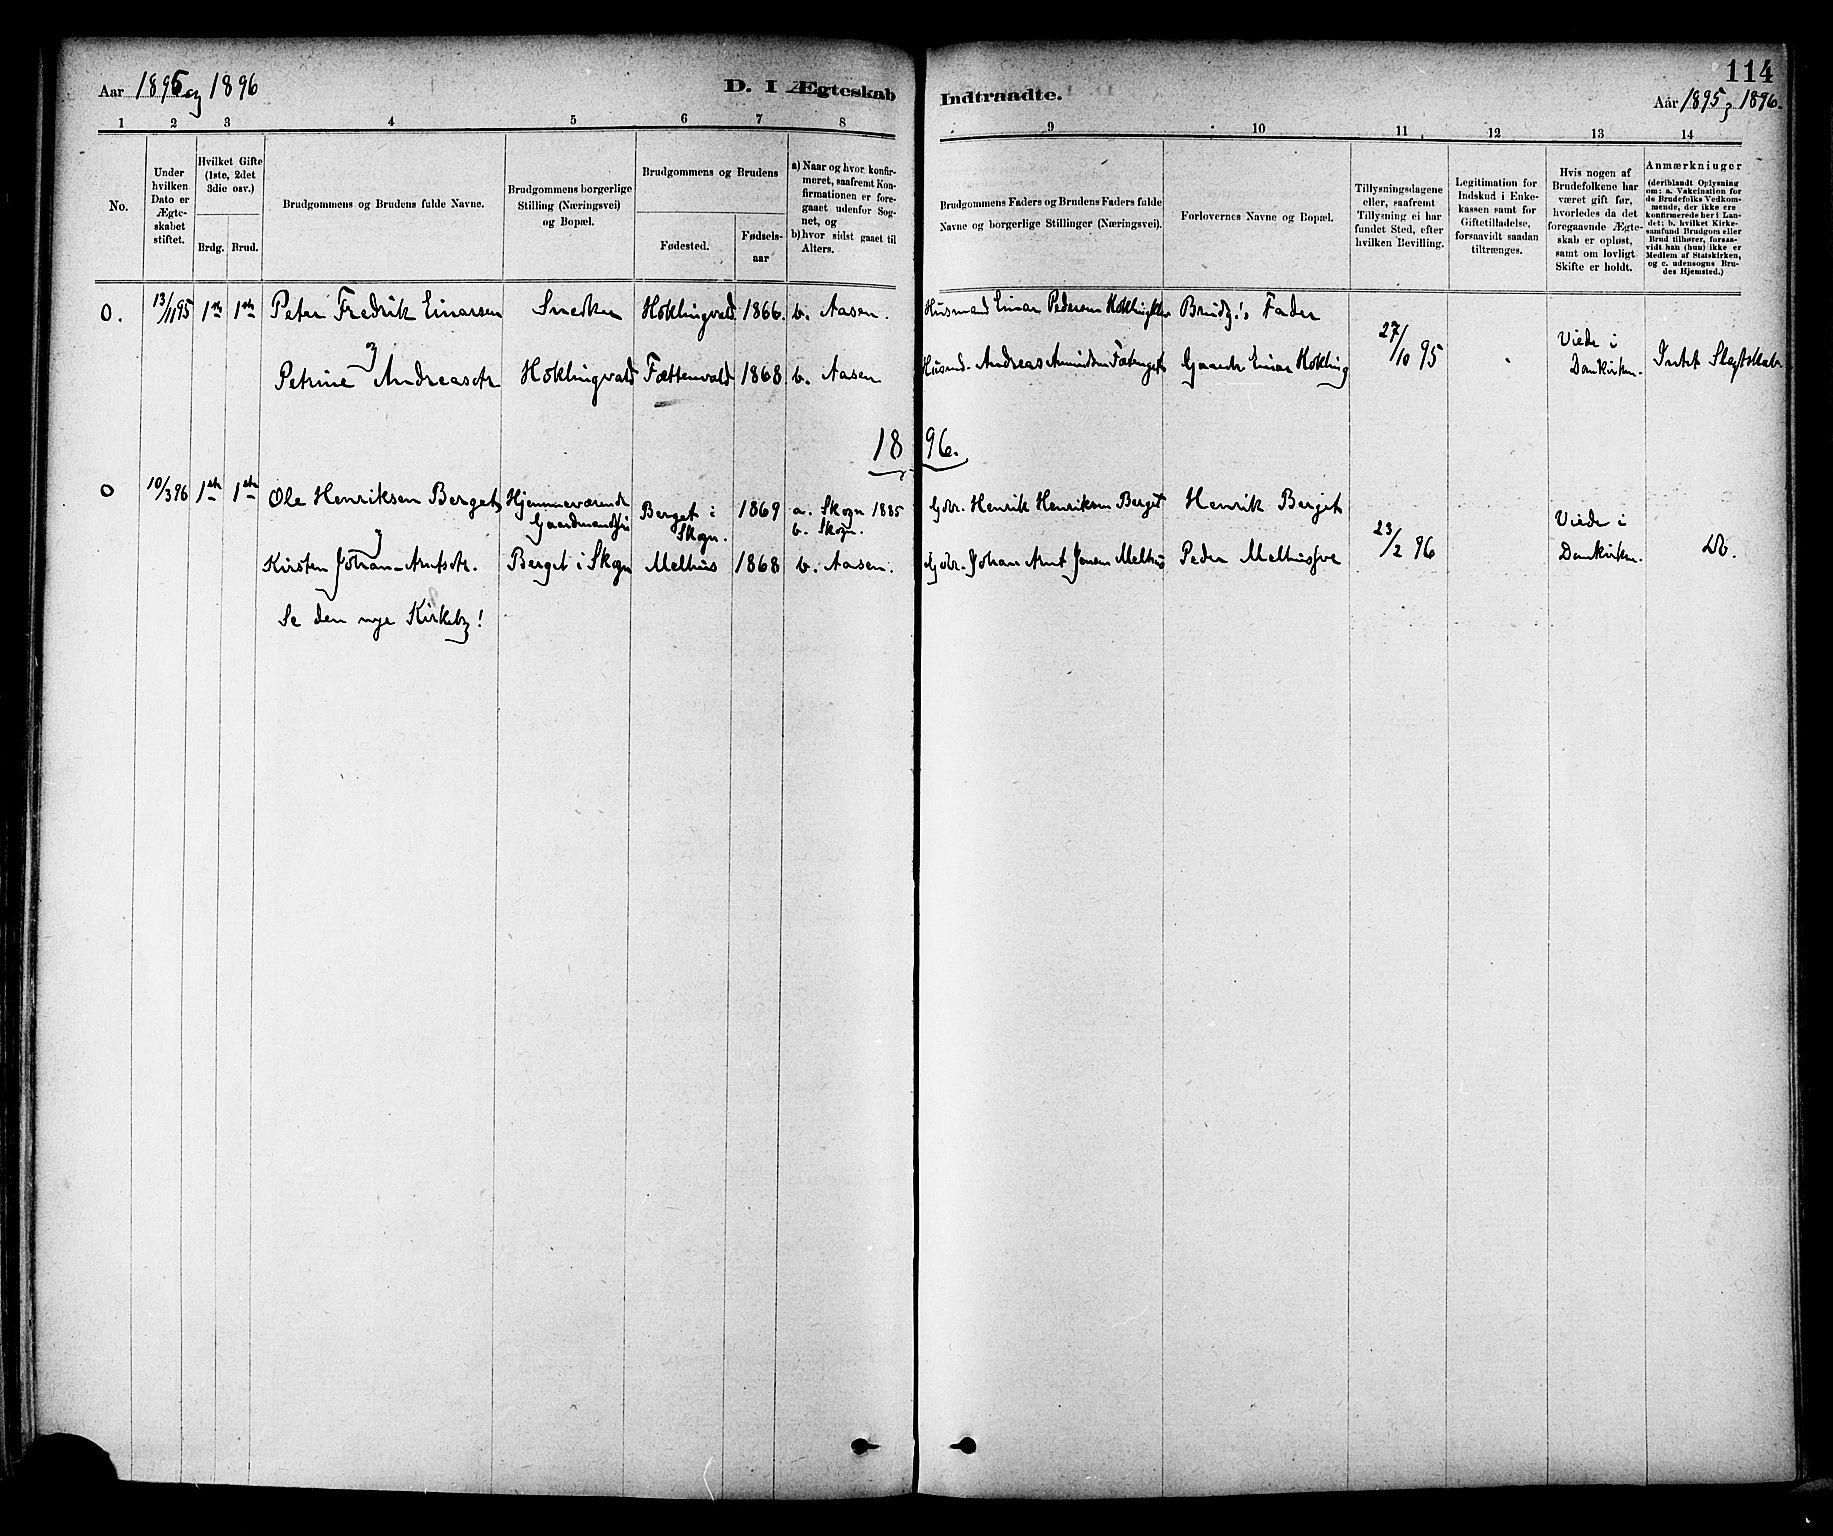 SAT, Ministerialprotokoller, klokkerbøker og fødselsregistre - Nord-Trøndelag, 714/L0130: Ministerialbok nr. 714A01, 1878-1895, s. 114